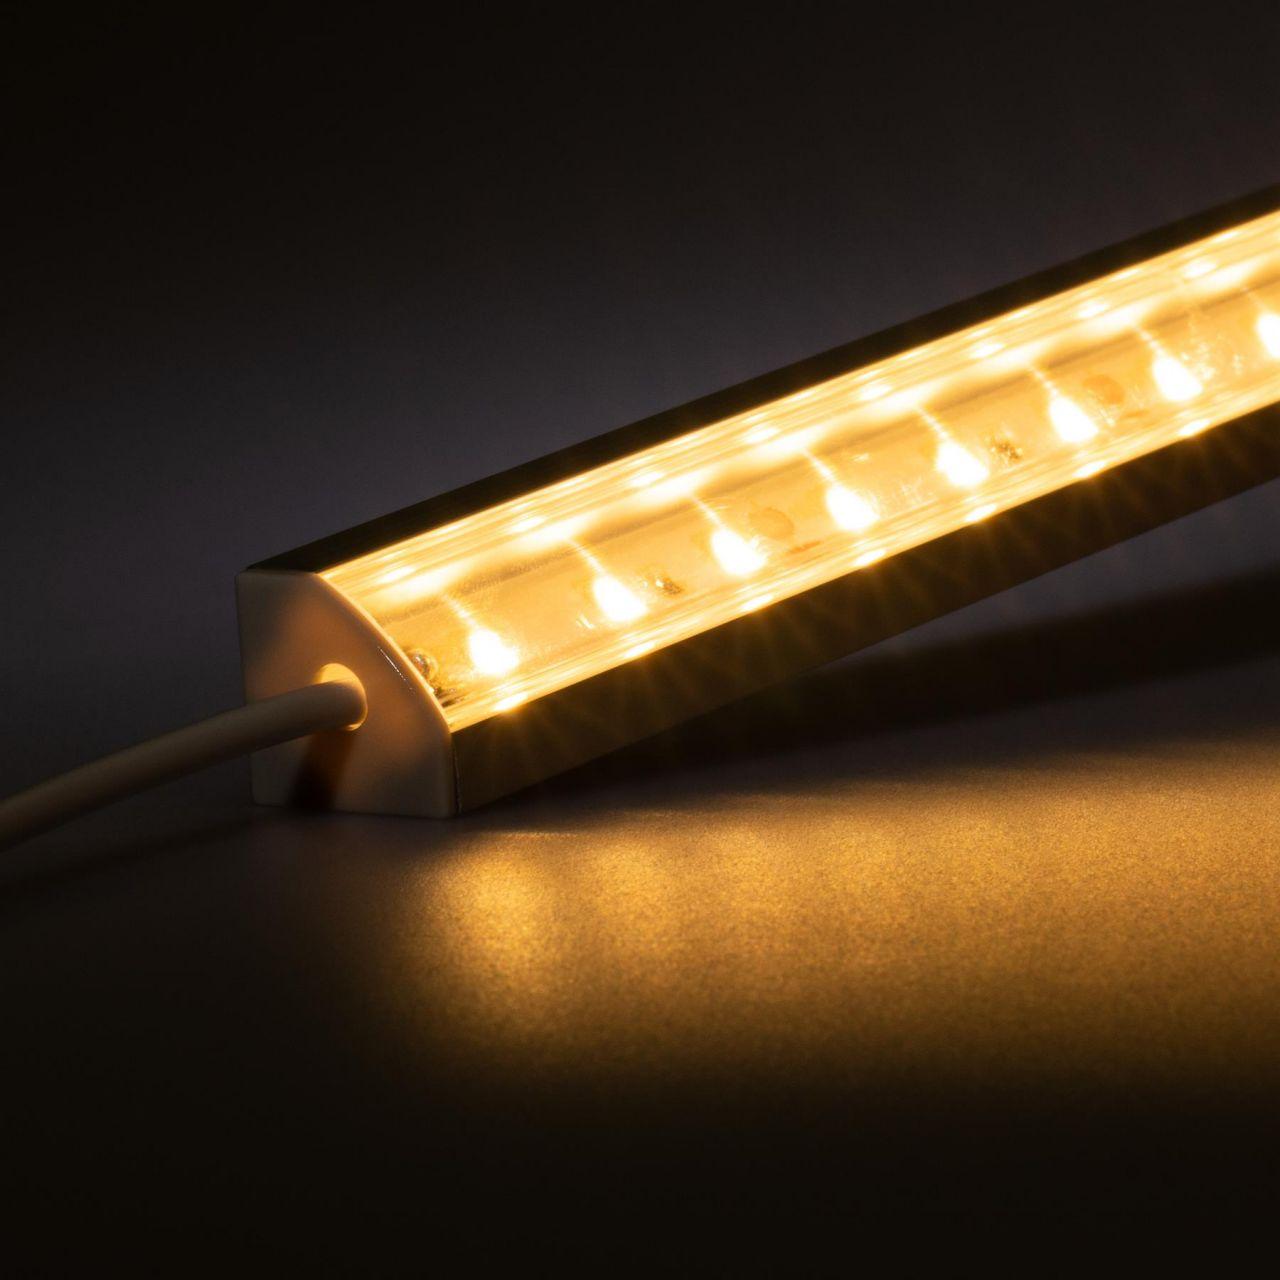 12V Aluminium LED Eckleiste – High Power - warmweiß – transparente Abdeckung